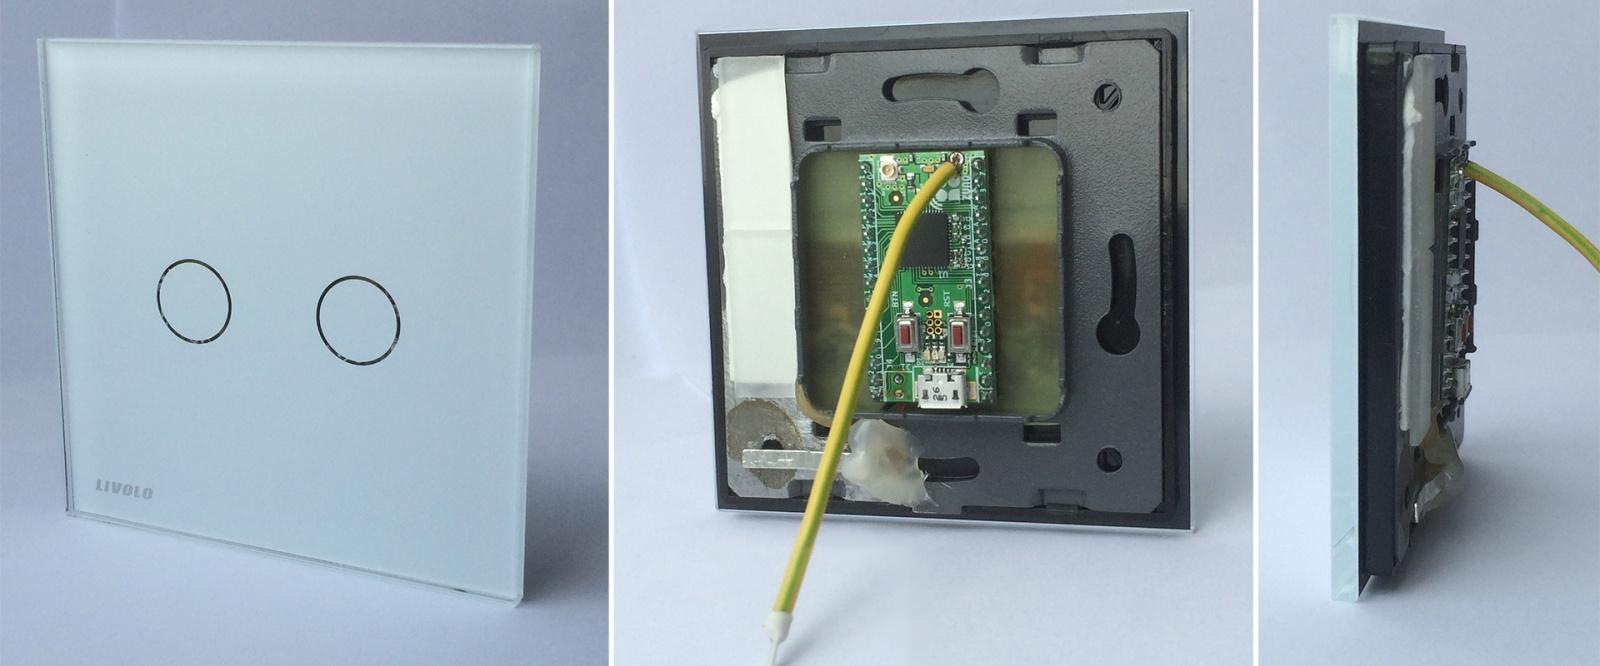 Сенсорный радио выключатель на батарейках. Livolo + Z-Uno - 1